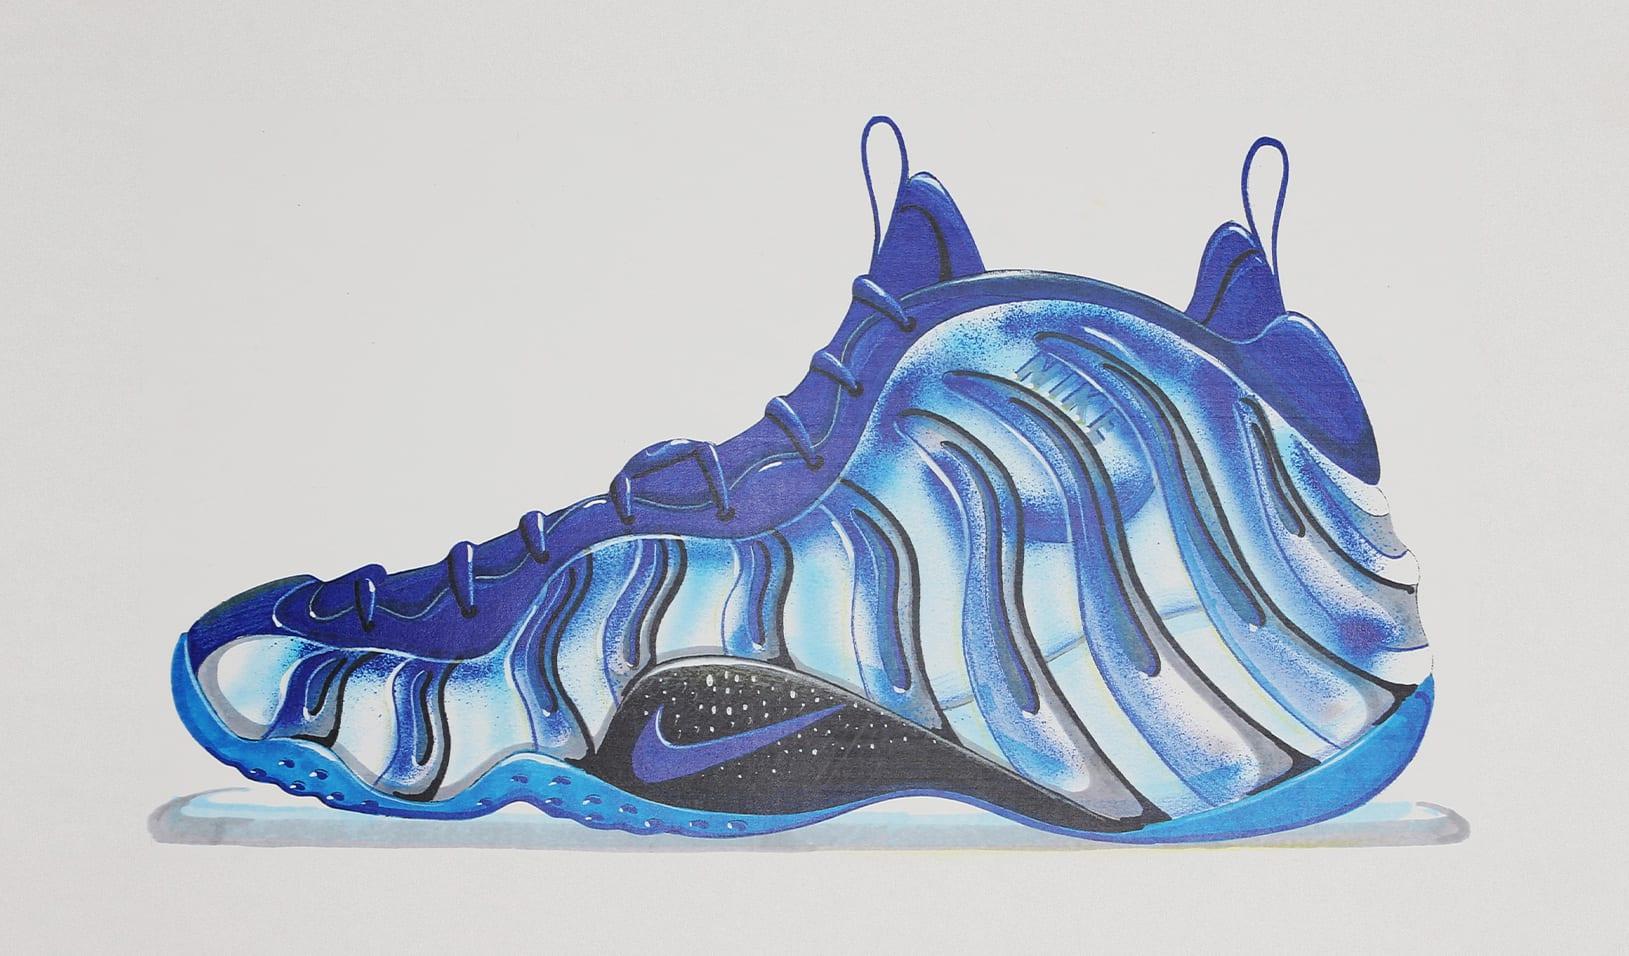 Nike Foamposite Sketch